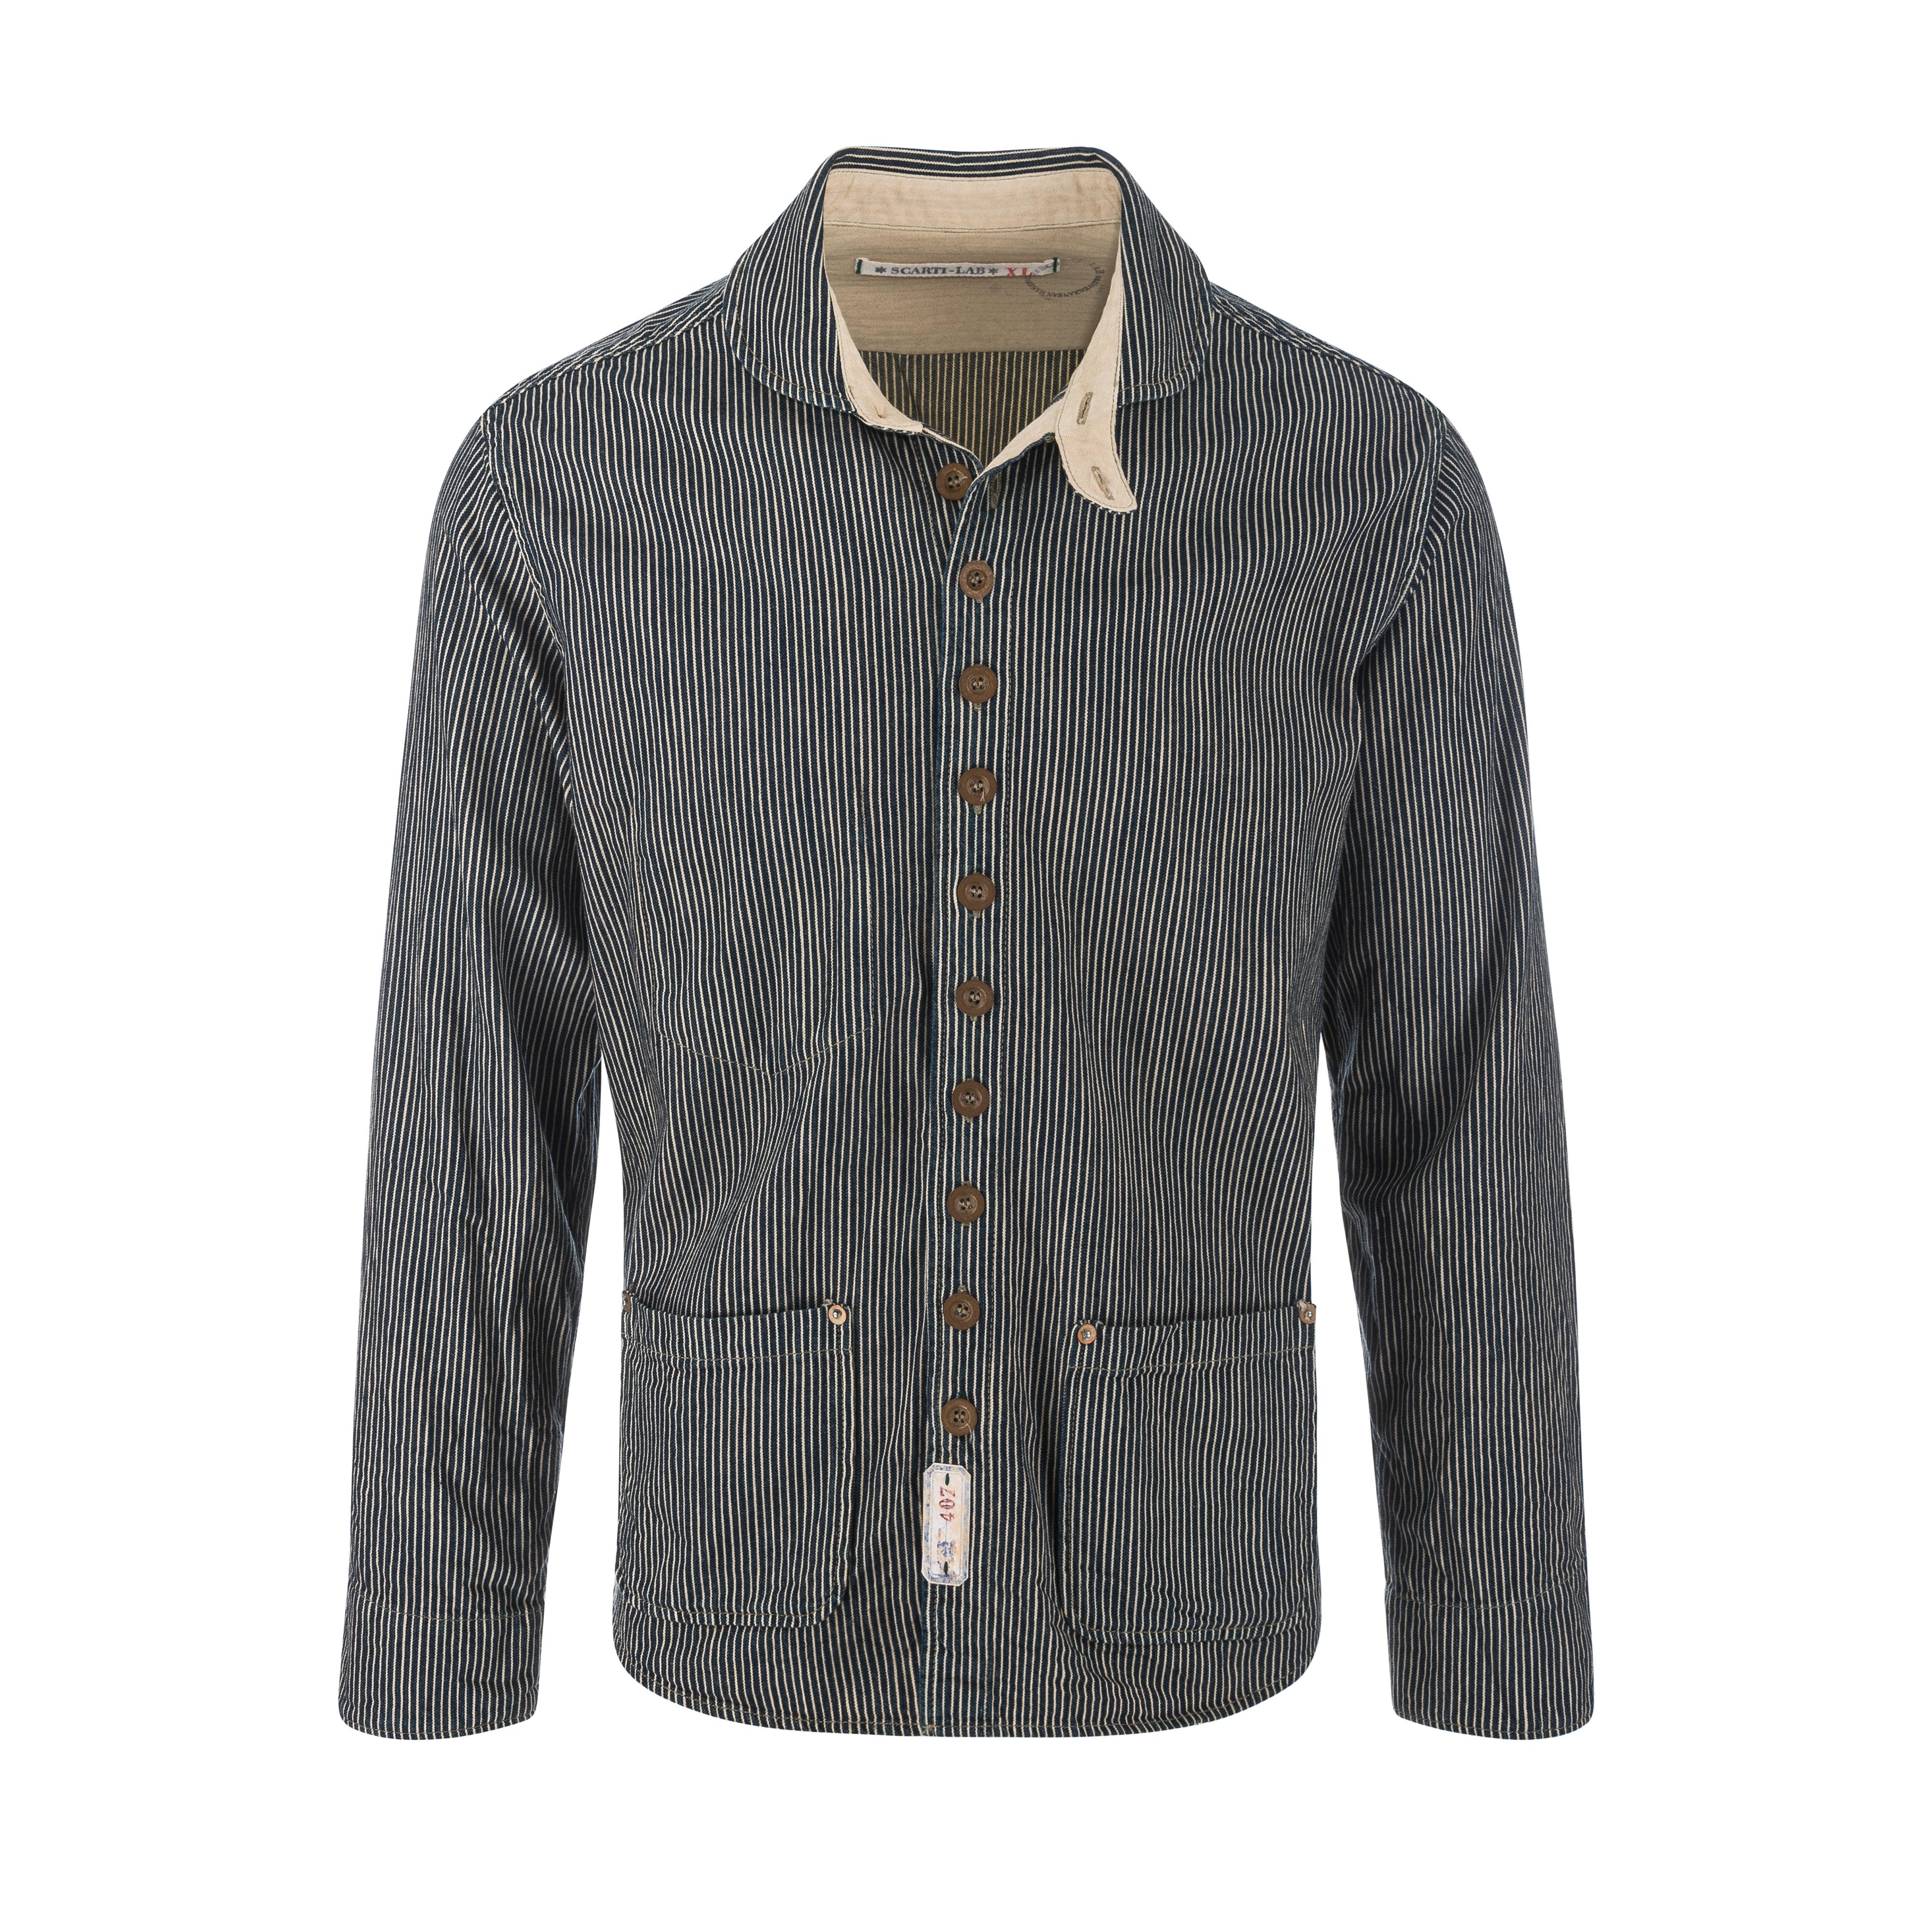 Cotton Jacket Stripe Black/White